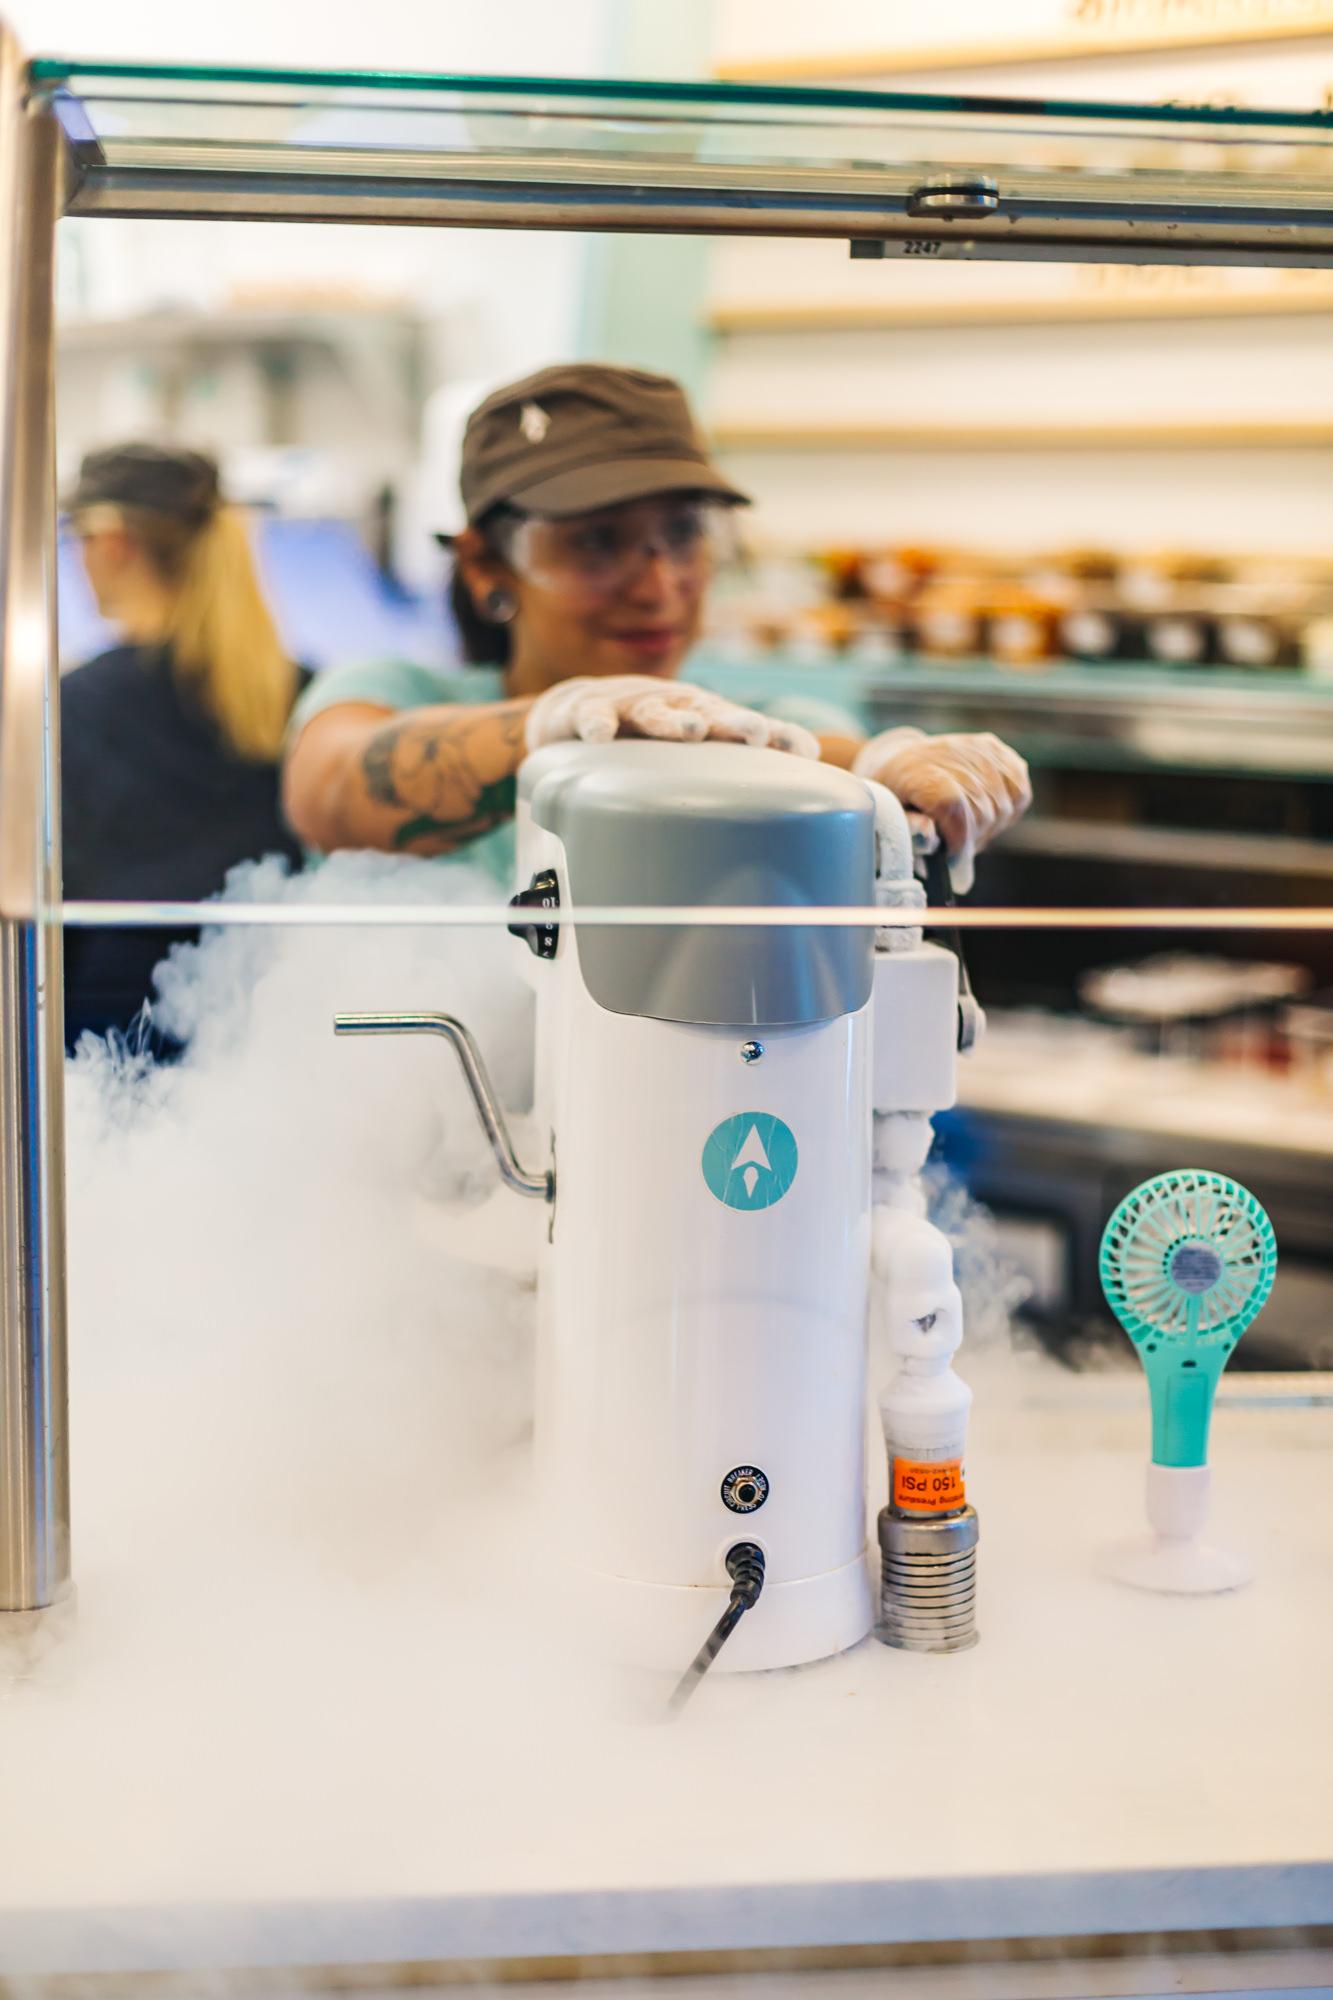 Liquid nitrogen ice cream made-to-order at Astro Ice cream